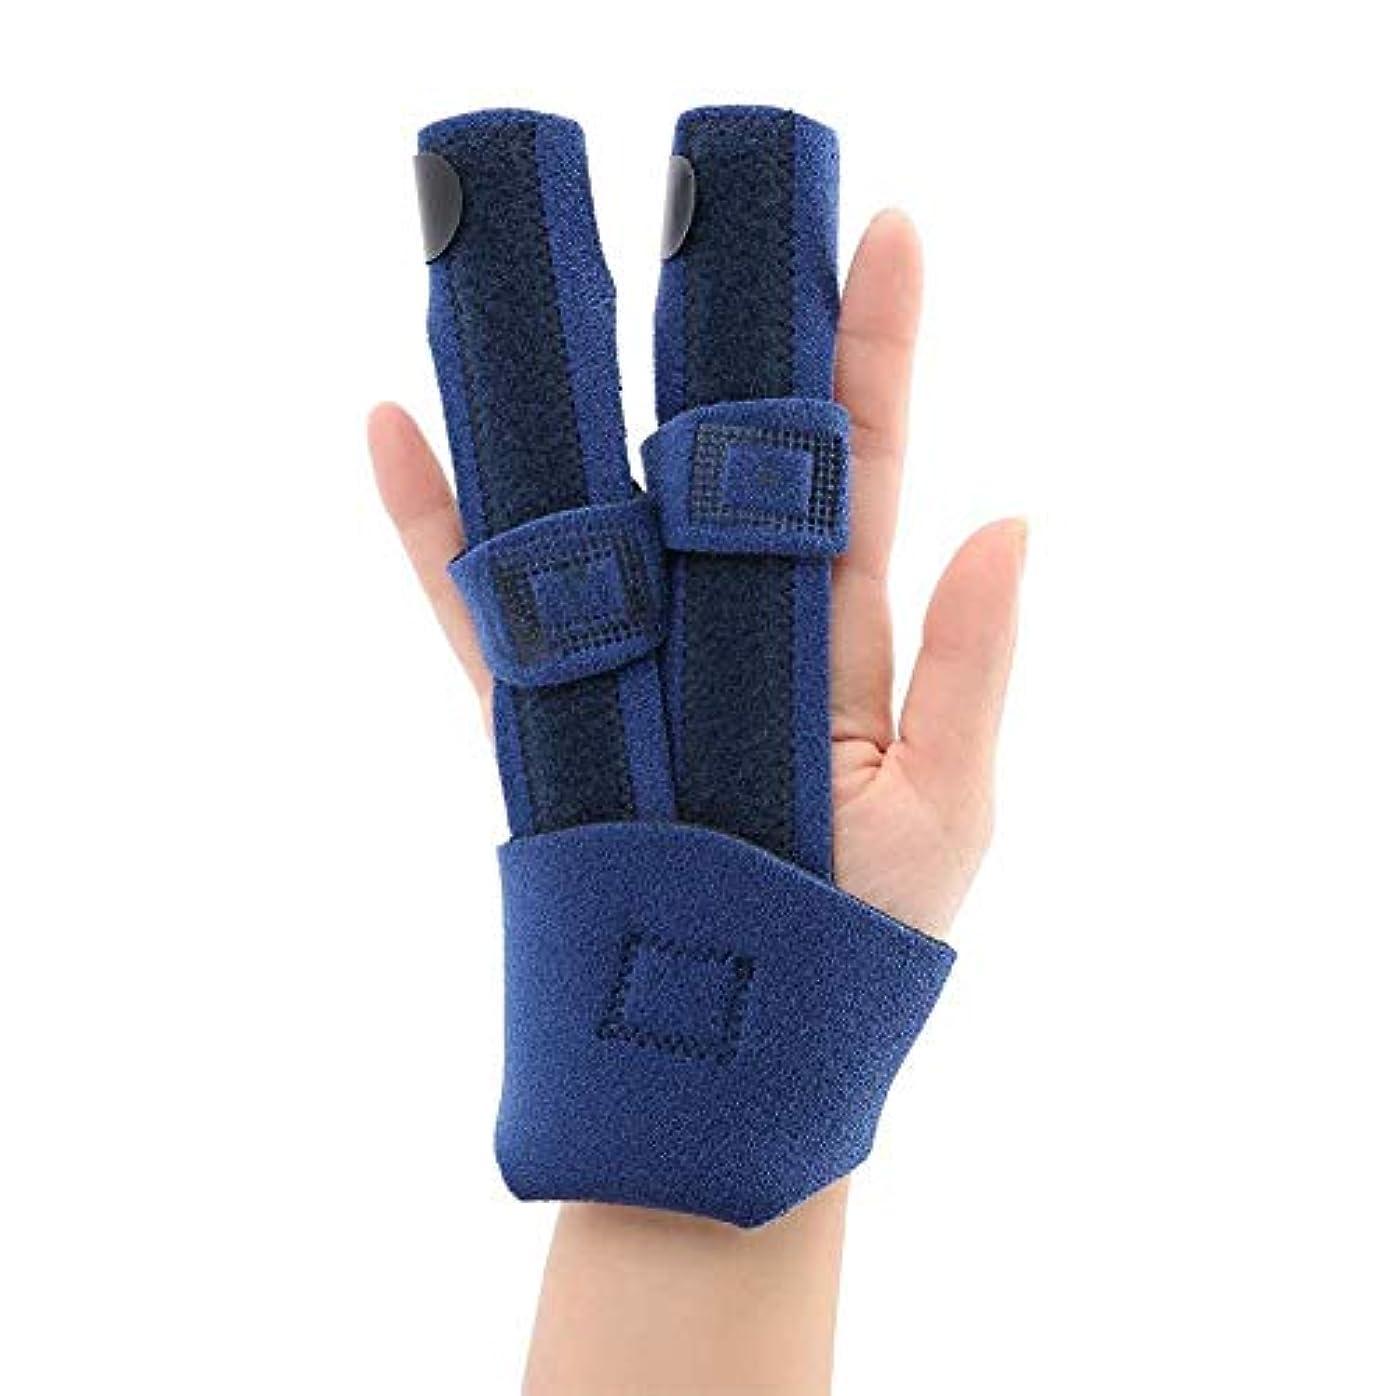 章厄介なバッテリー指の損傷のサポート、スプリント指の調整可能な指のスプリントサポートスタビライザーサポート捻support指のケアツール